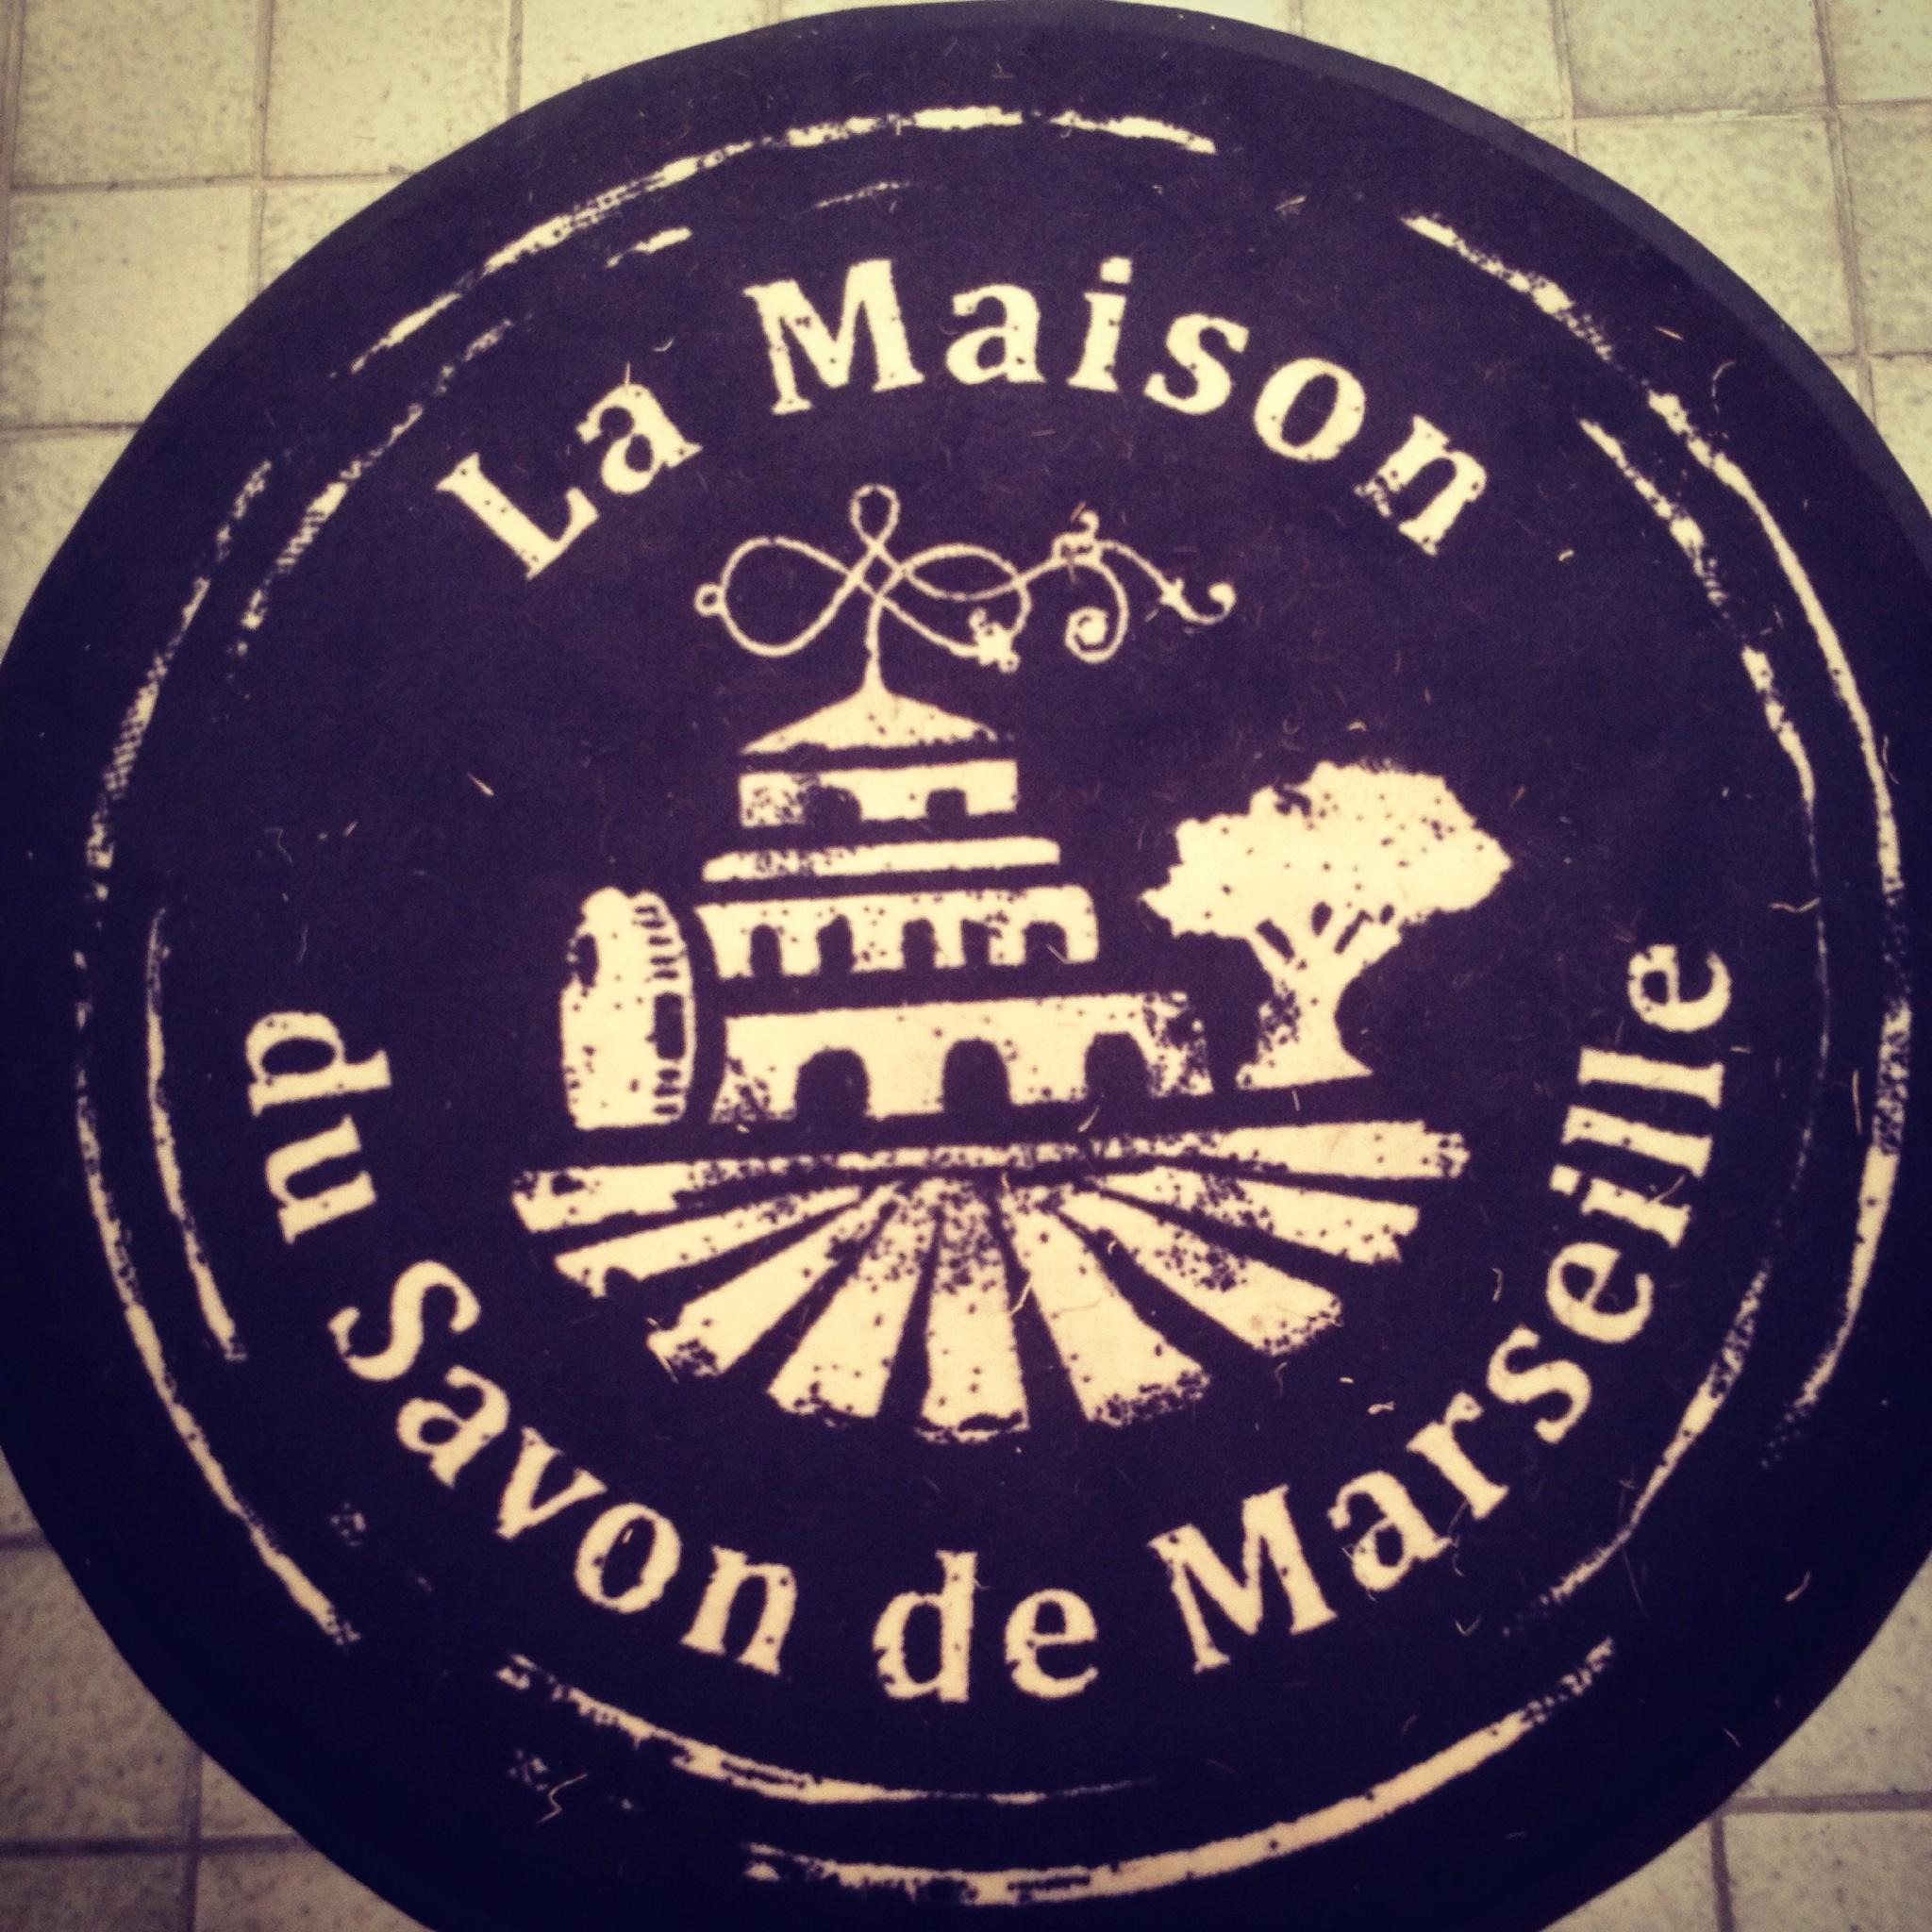 La maison du savon de marseille aterra a barcelona soyez - La maison barcelona ...